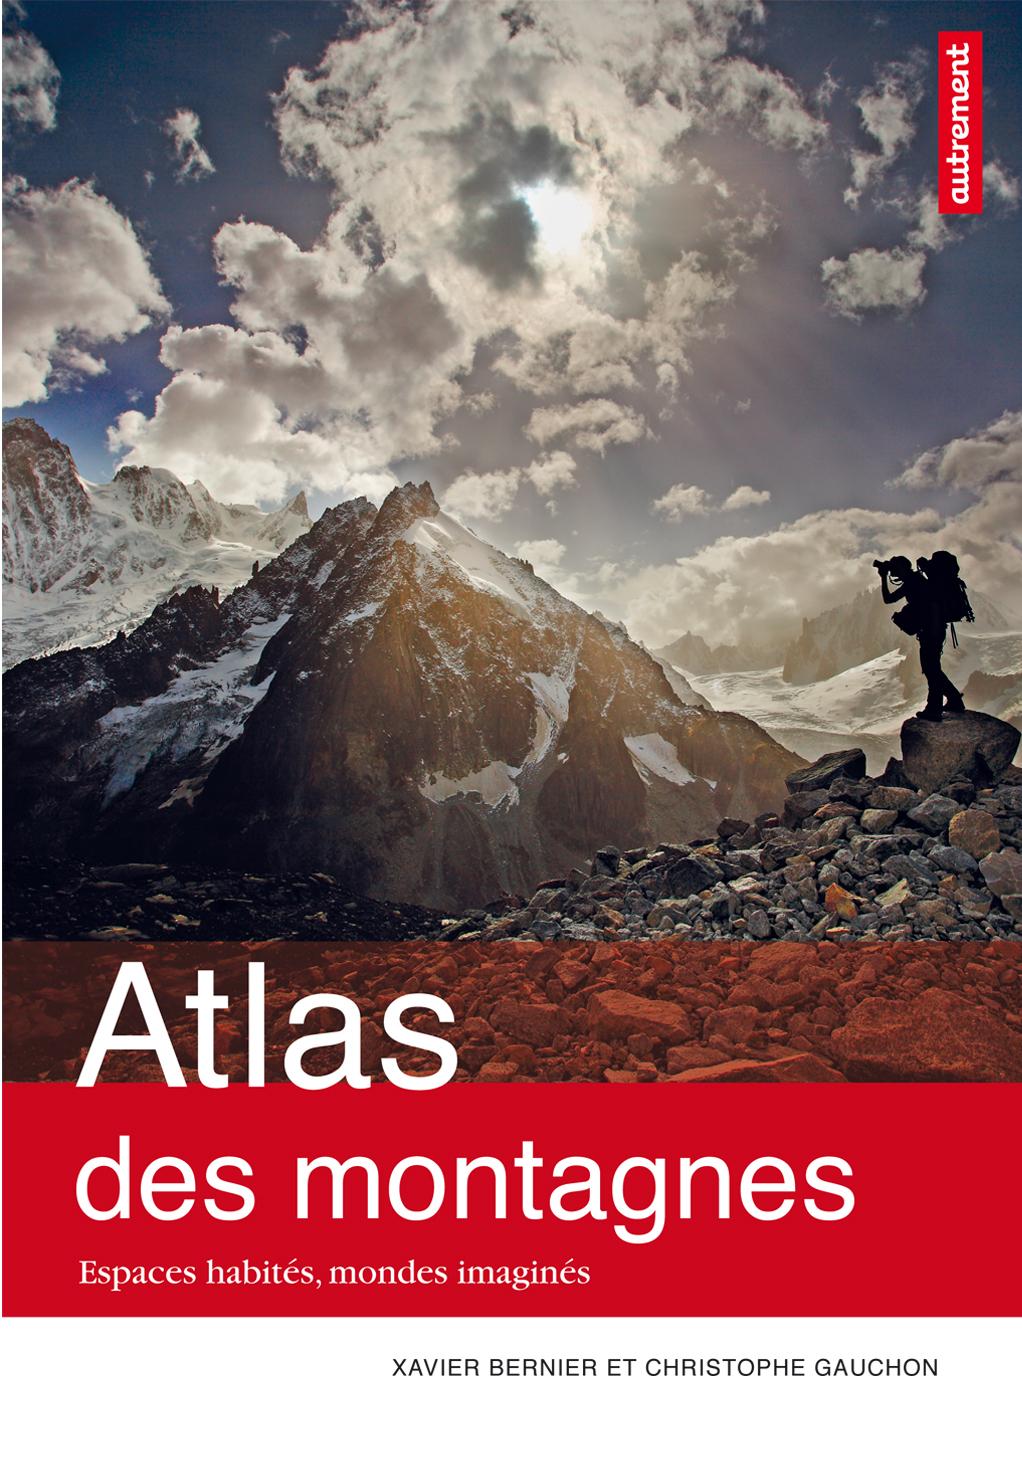 Atlas des montagnes. Espaces habités, mondes imaginés